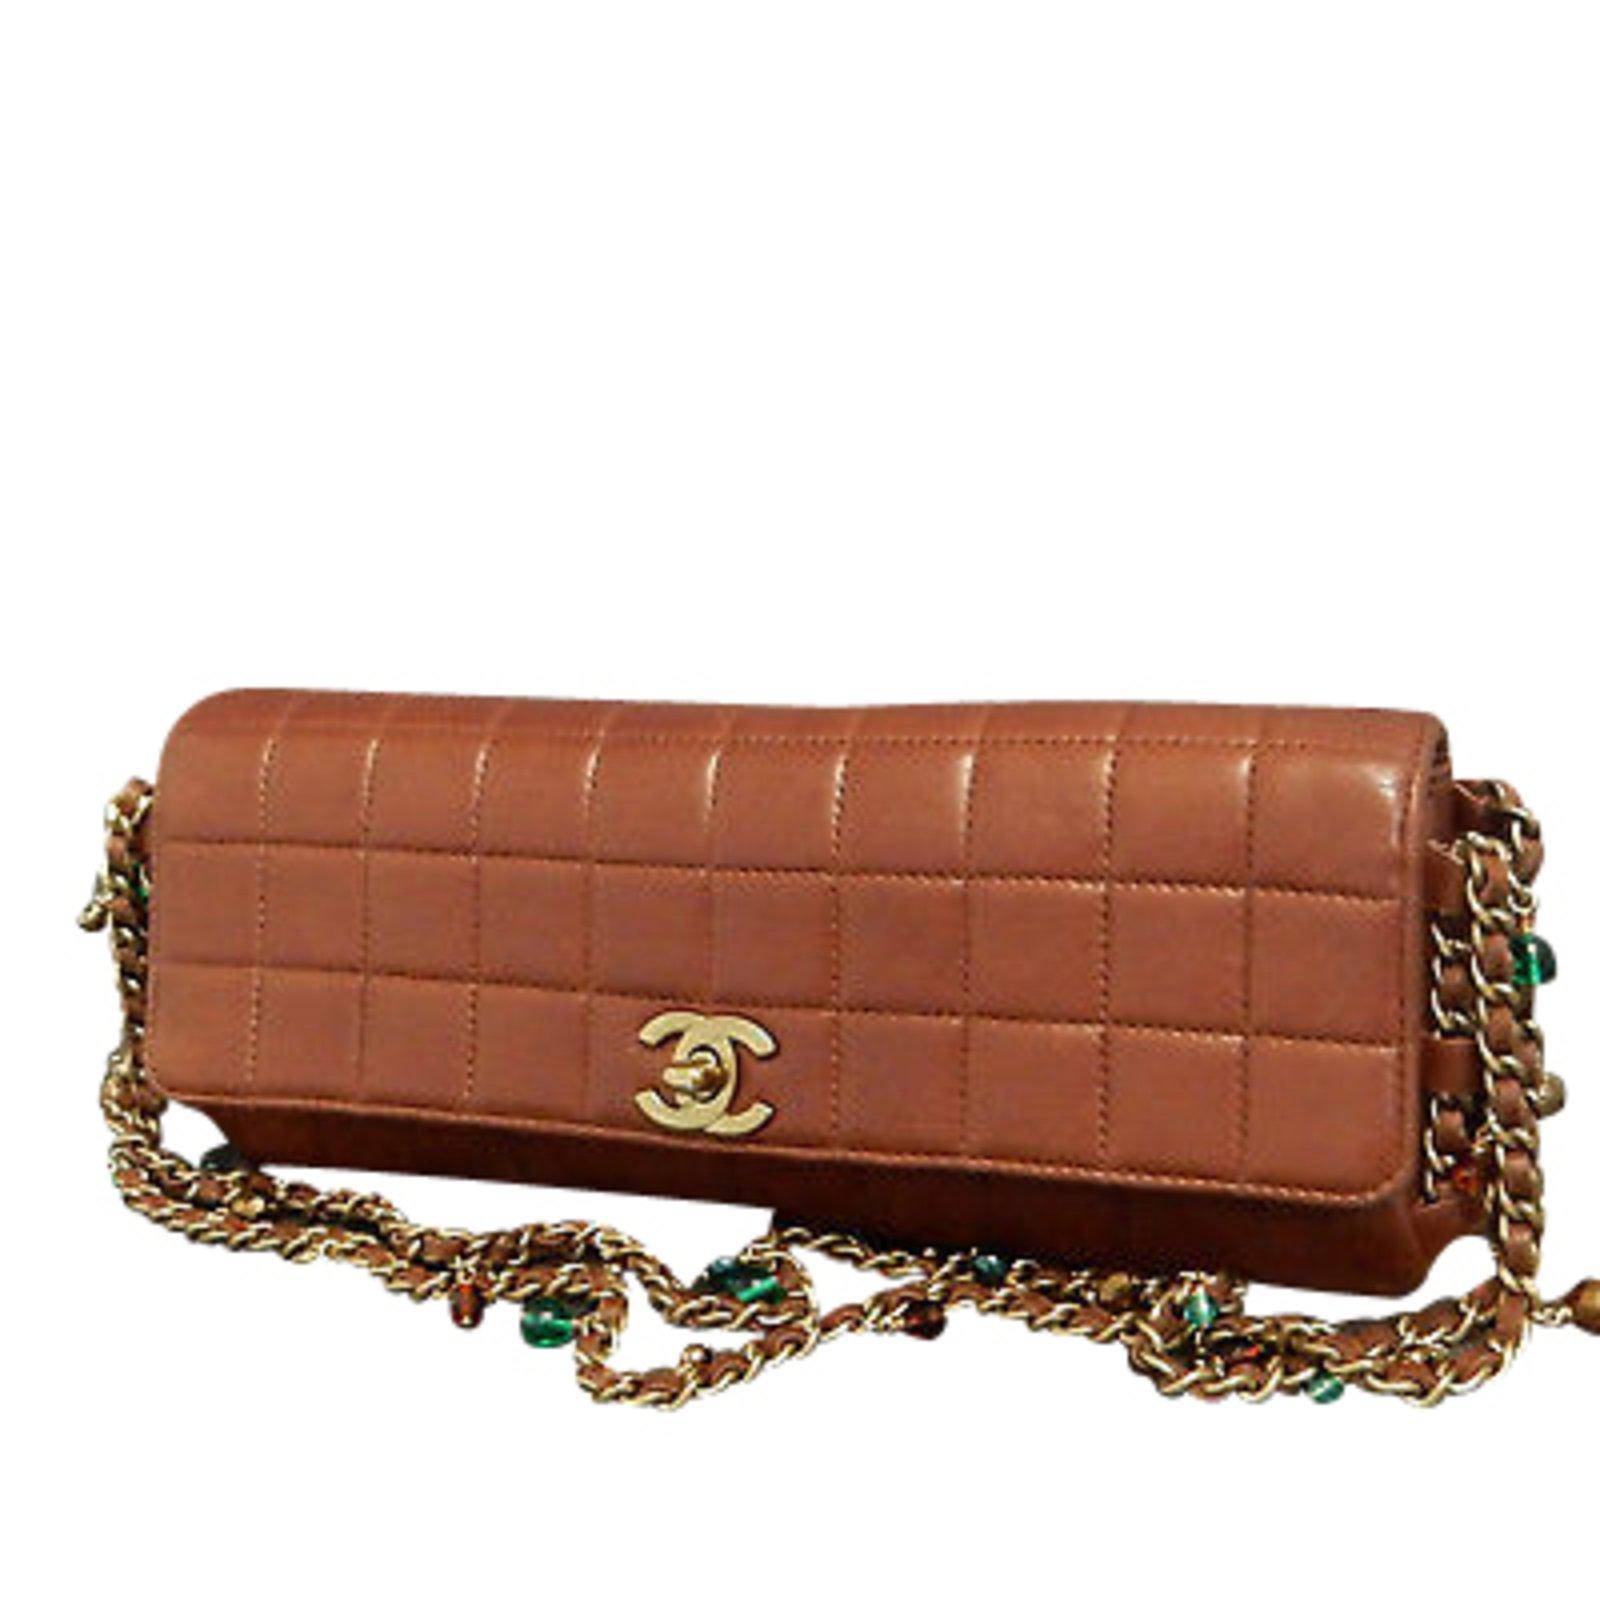 39c99d97fcb2 Sacs à main Chanel Barre de chocolat Veau façon poulain Marron ref.86957